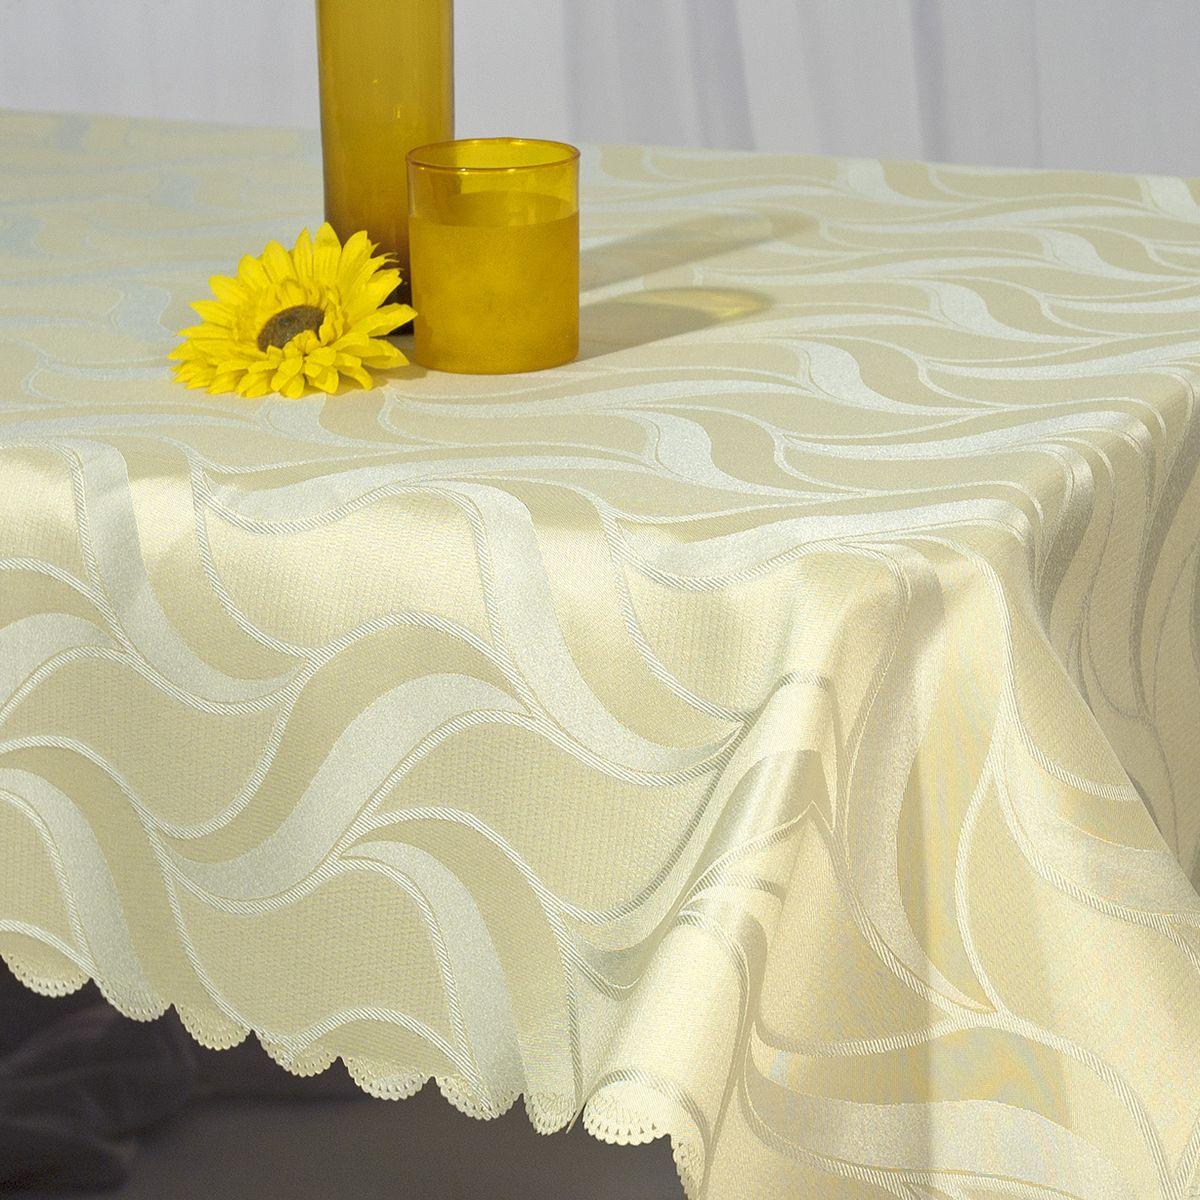 Скатерть Schaefer, прямоугольная, цвет: молочный, 130 x 160 см. 07355-427VT-1520(SR)Стильная скатерть Schaefer выполнена из полиэстера.Изделия из полиэстера легко стирать: они не мнутся, не садятся и быстро сохнут, они более долговечны, чем изделия из натуральных волокон.Немецкая компания Schaefer создана в 1921 году. На протяжении всего времени существования она создает уникальные коллекции домашнего текстиля для гостиных, спален, кухонь и ванных комнат. Дизайнерские идеи немецких художников компании Schaefer воплощаются в текстильных изделиях, которые сделают ваш дом красивее и уютнее и не останутся незамеченными вашими гостями. Дарите себе и близким красоту каждый день!